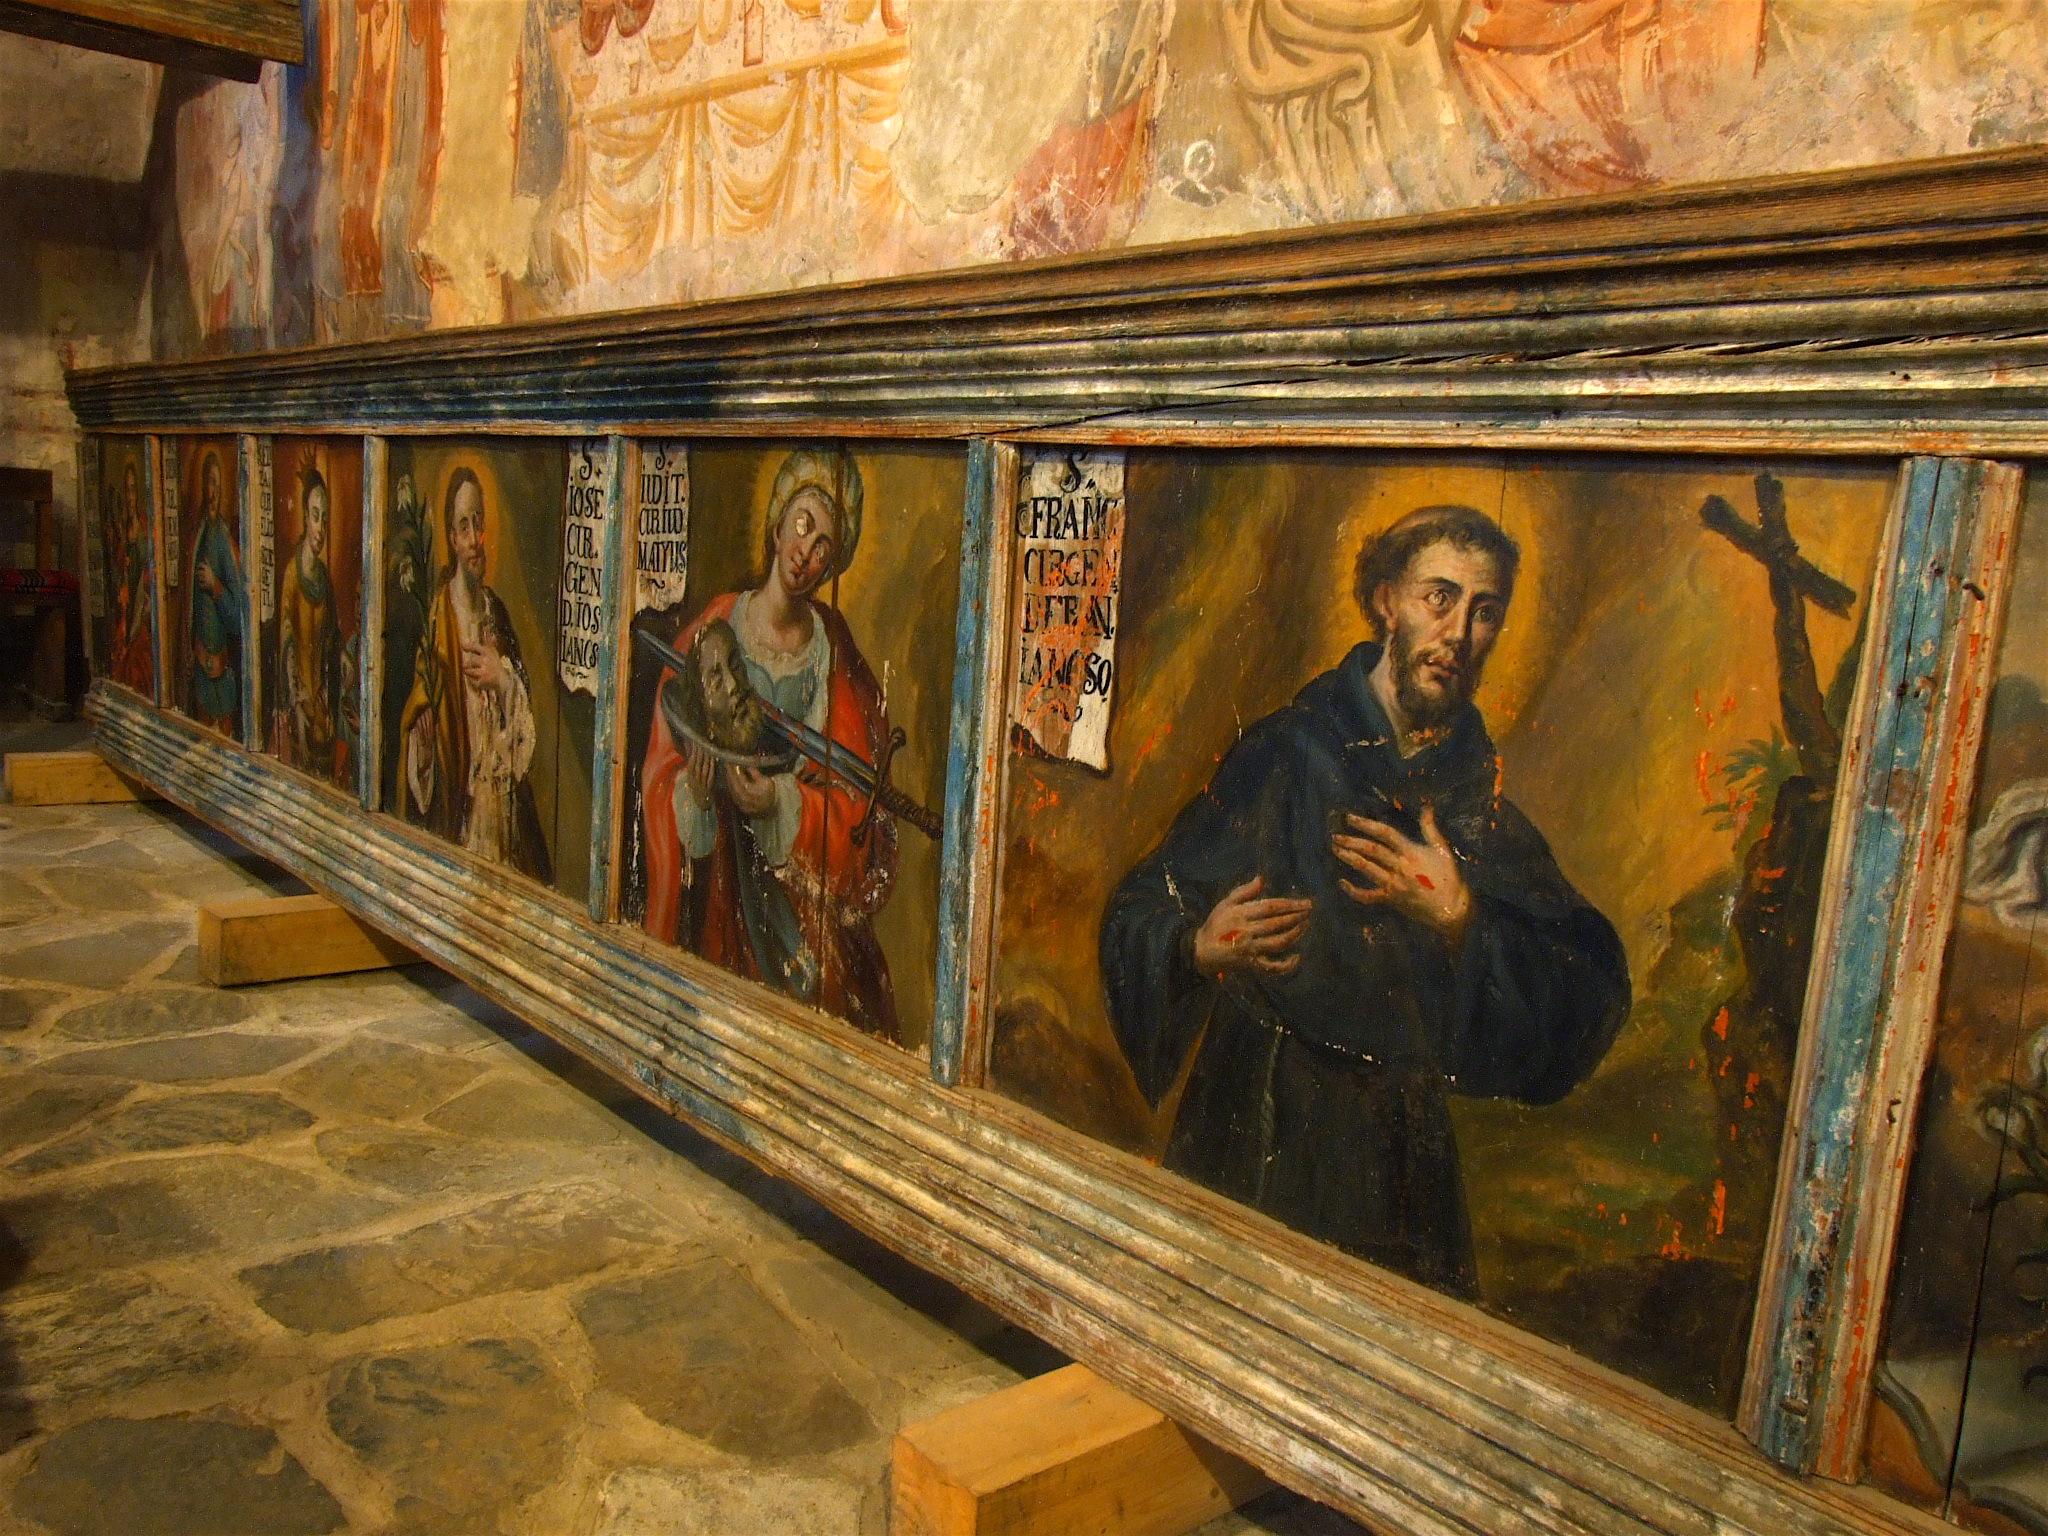 A templom belső fala, a szentképek felett a 14-15. századi freskók.